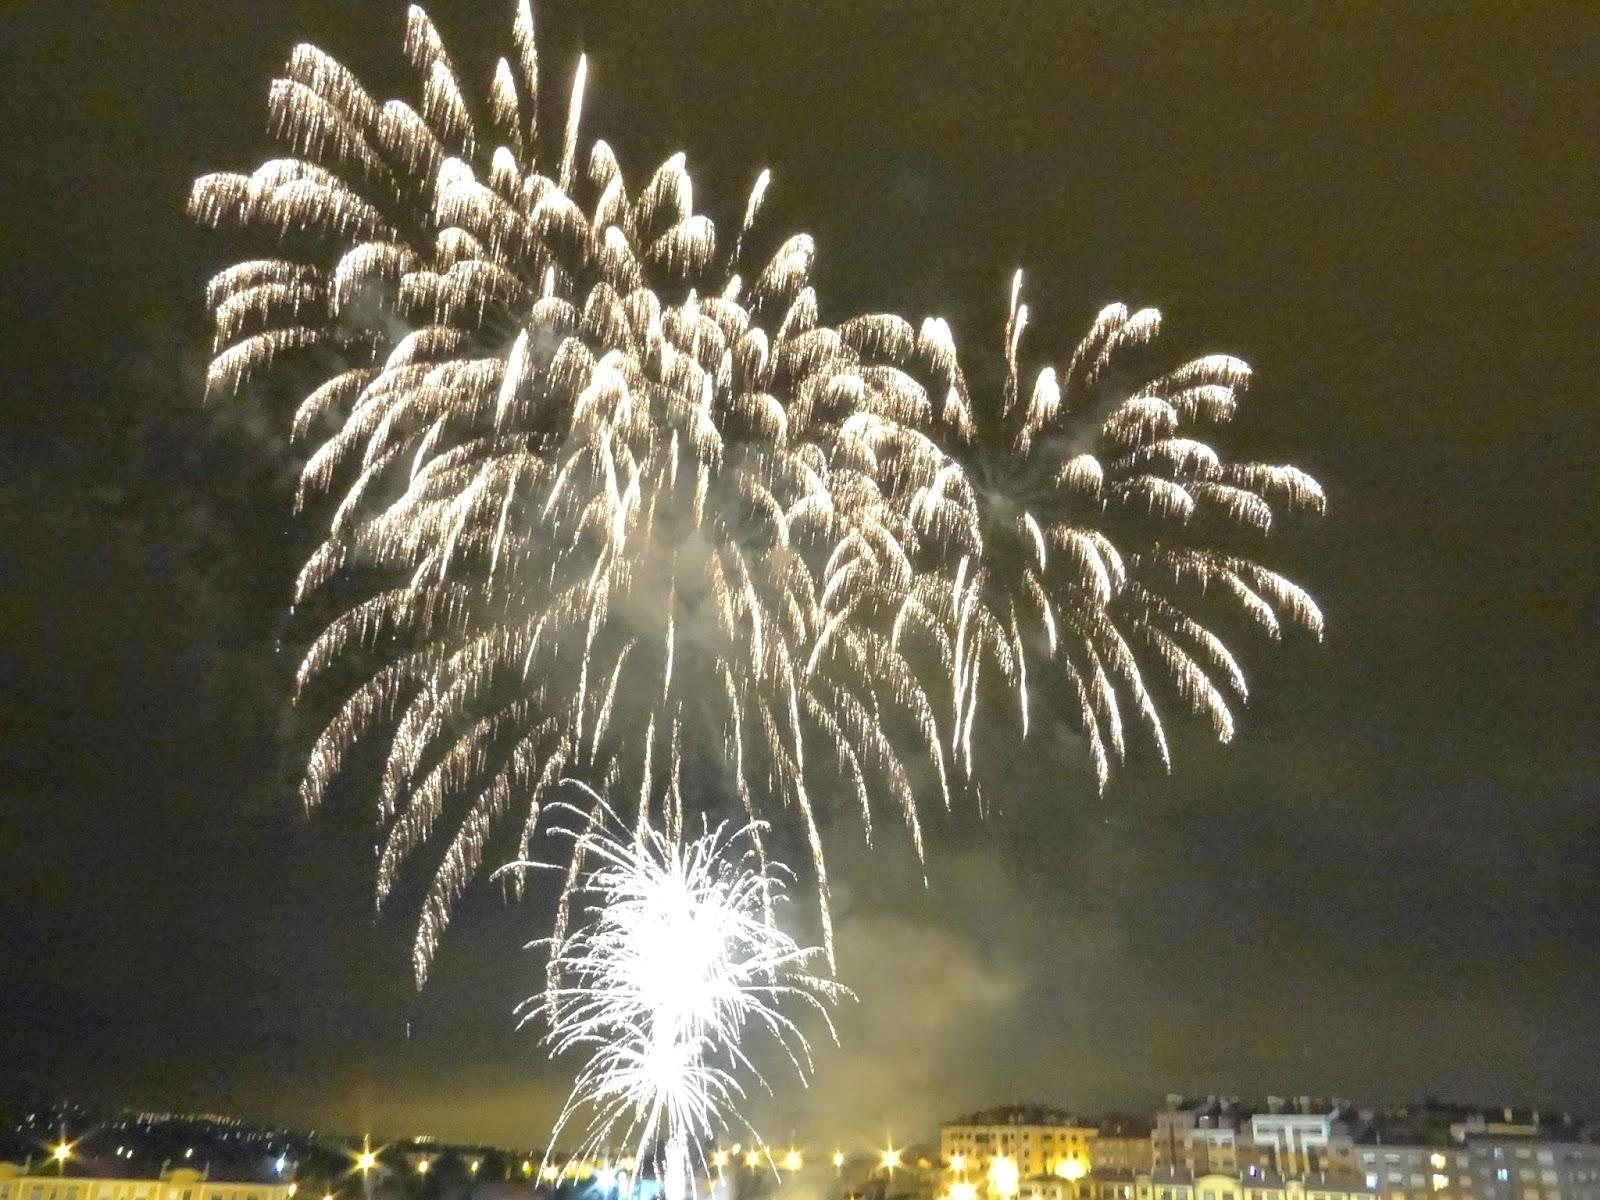 asturias fiesta de prao fuegos artificiales fireworks